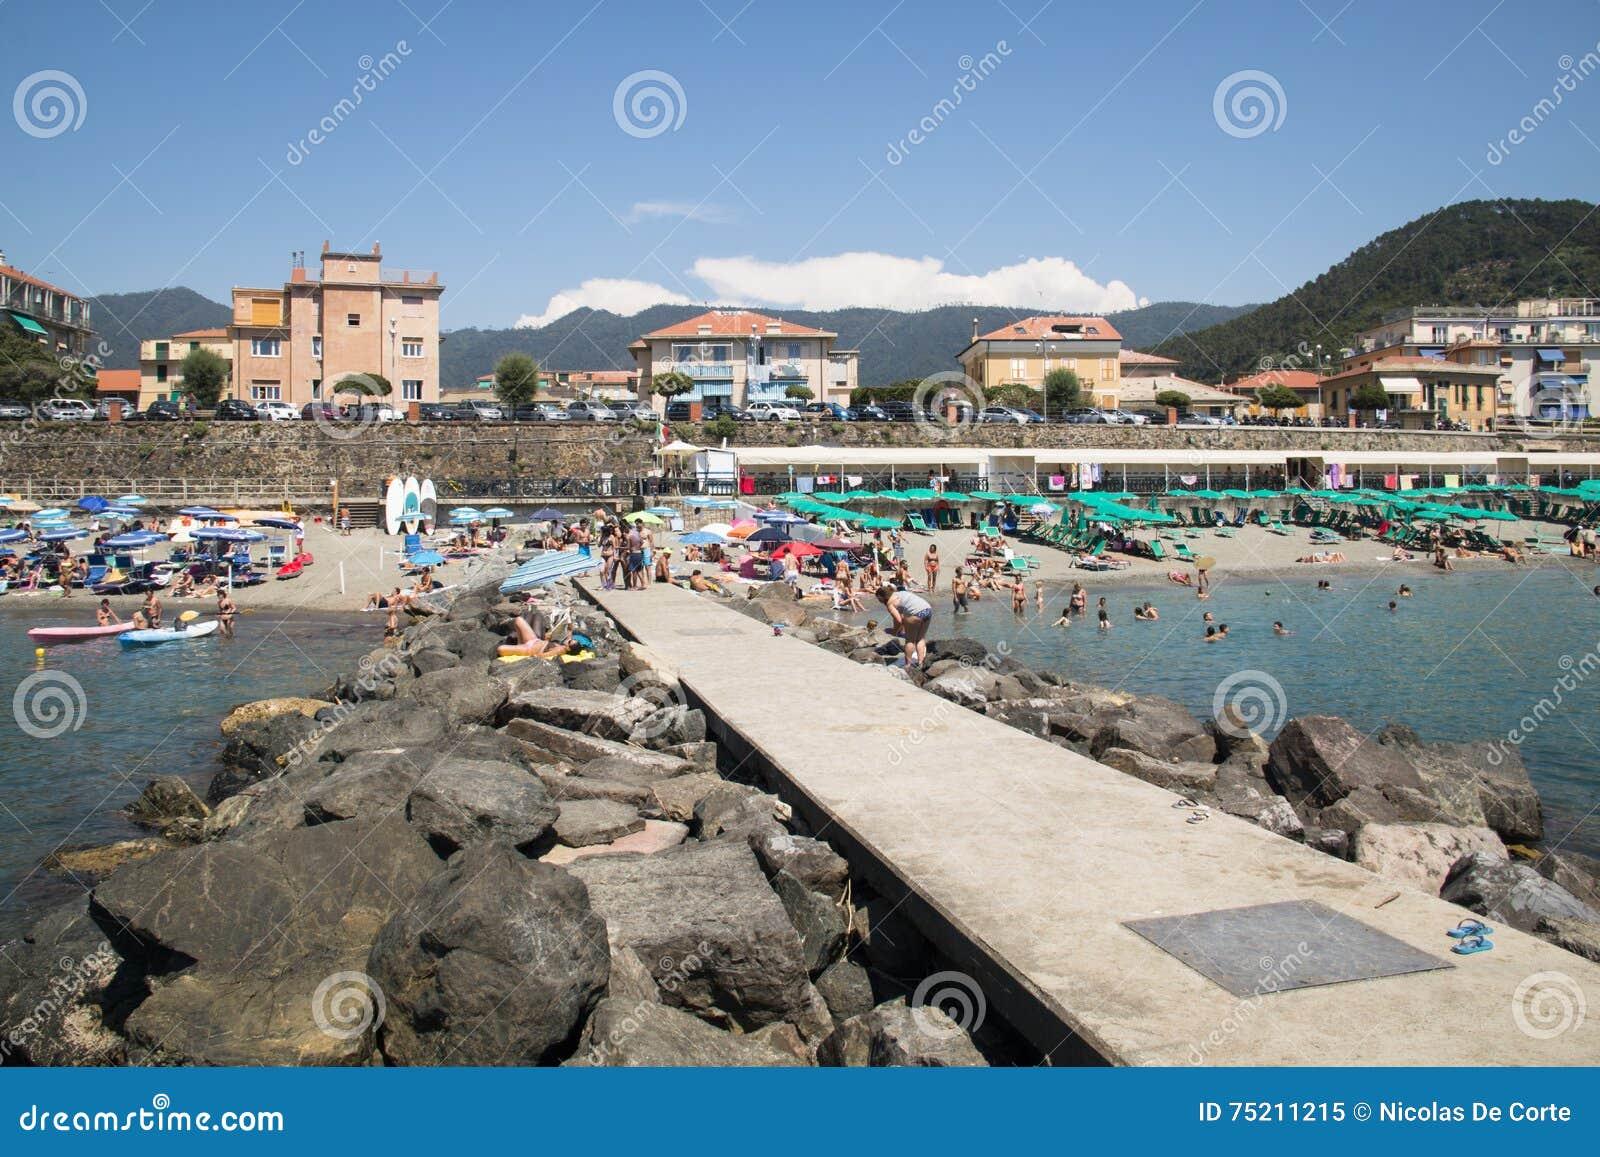 Les gens sur la plage dans levanto italie image ditorial for Dans italien